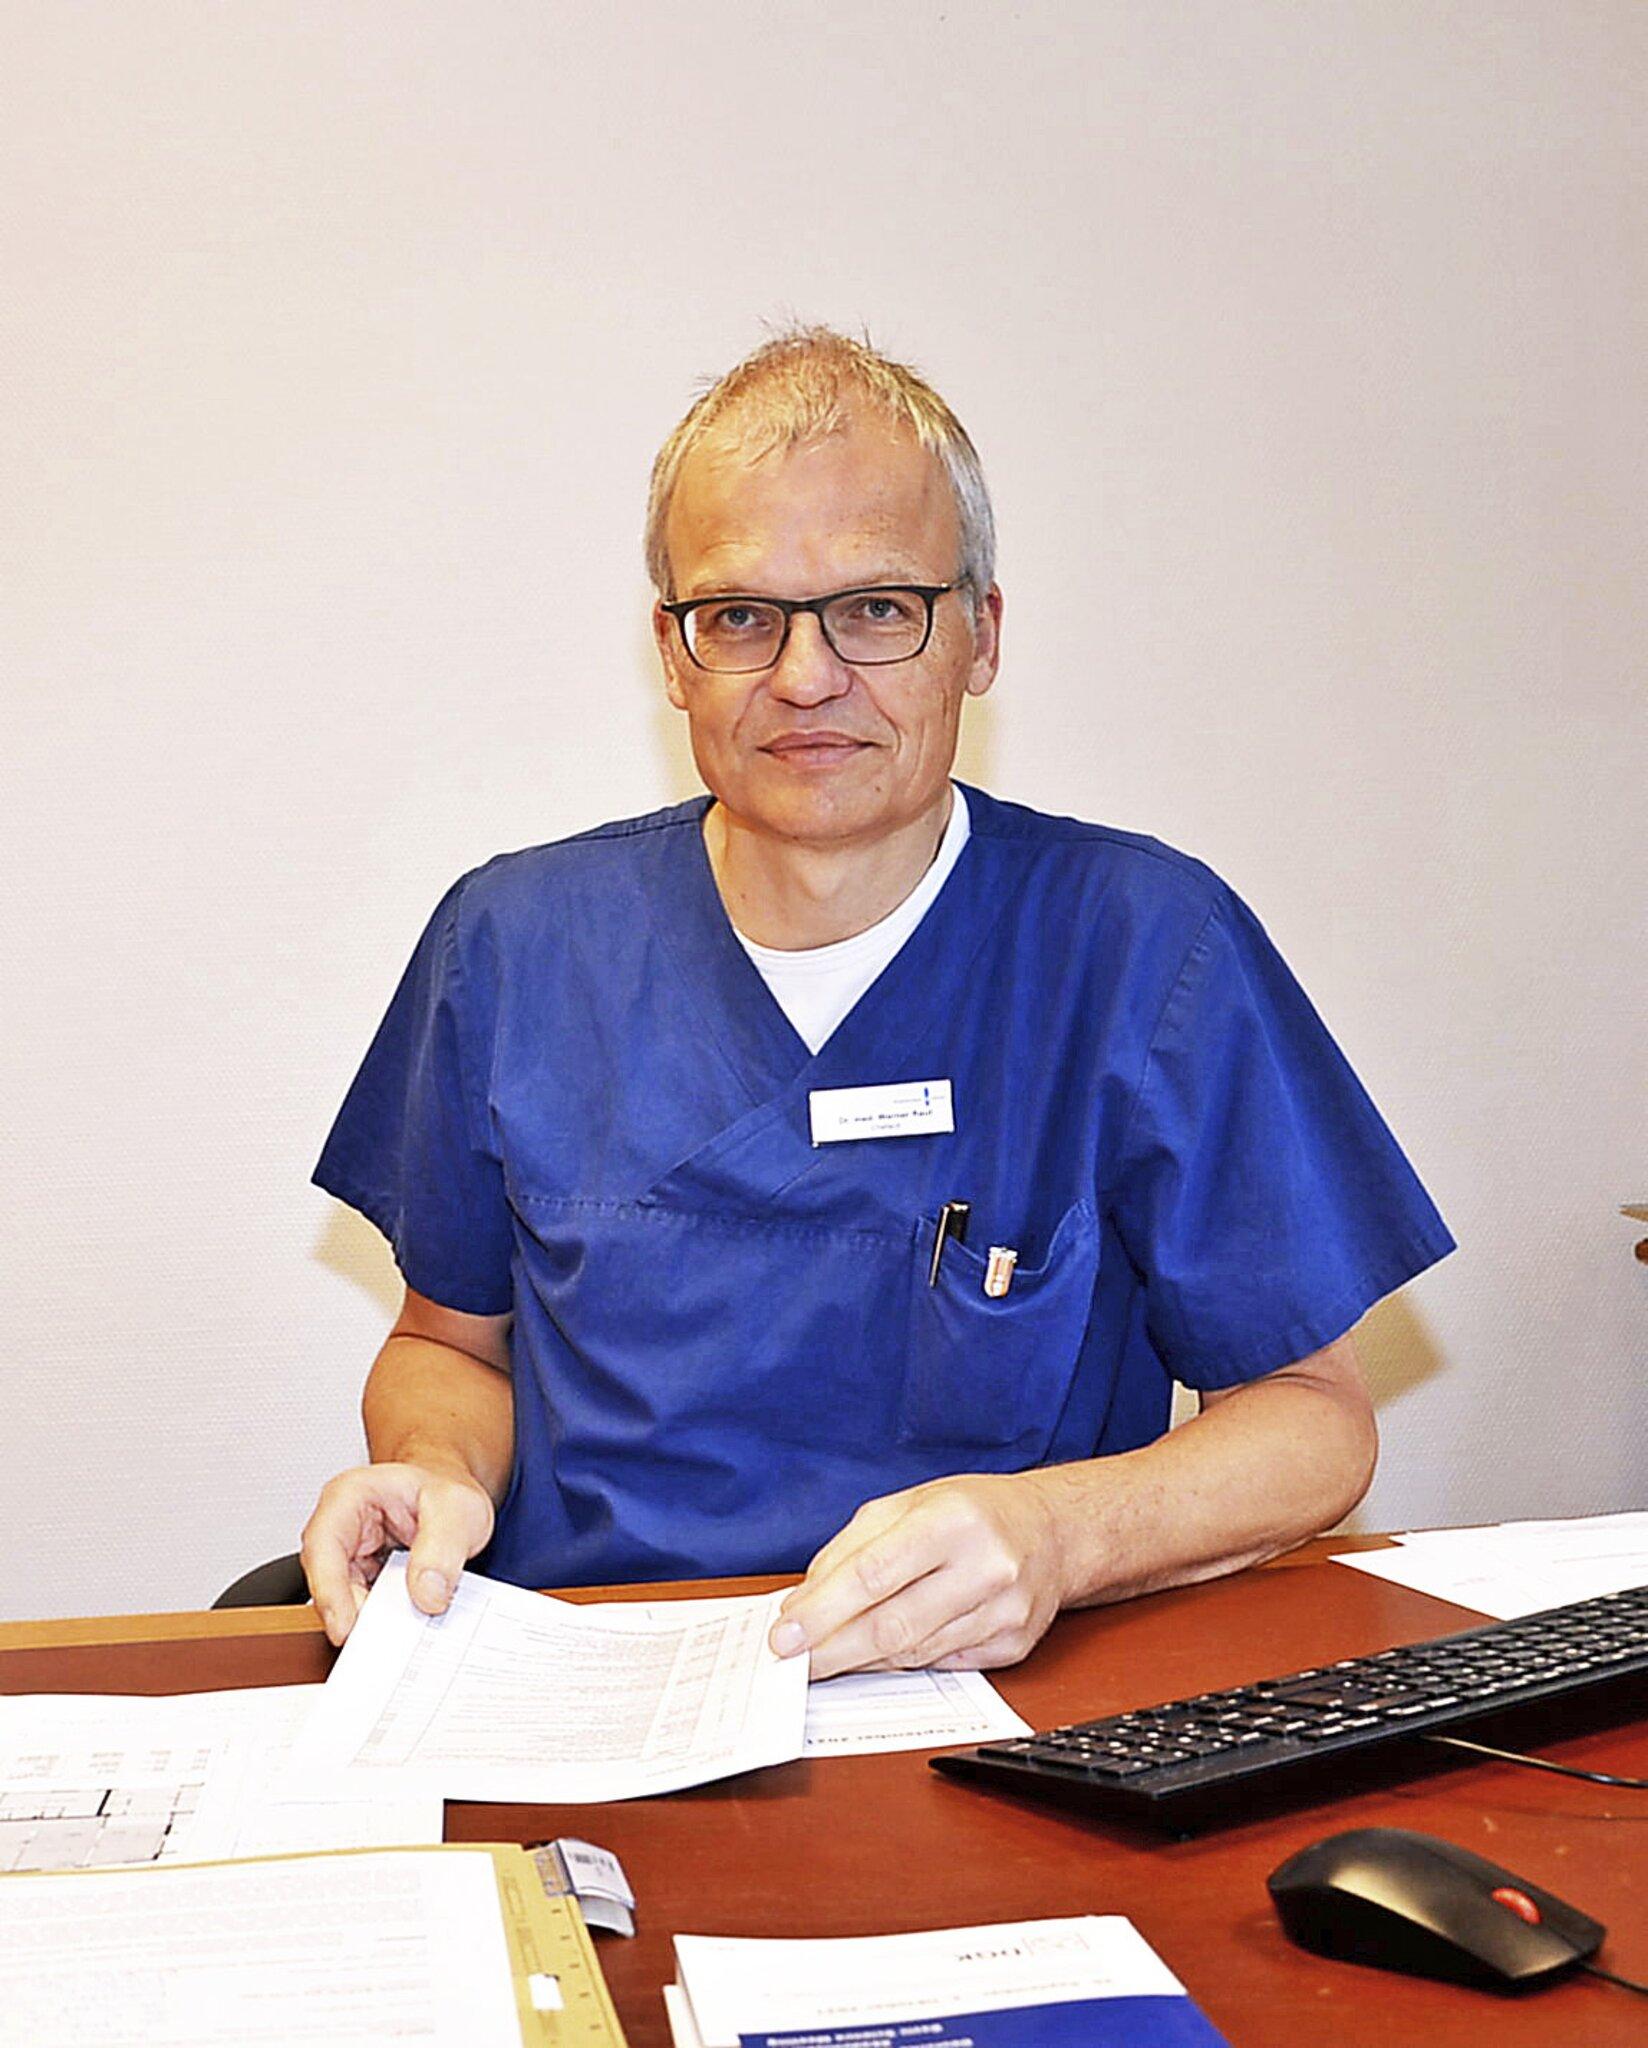 """""""Impfen ist die Übernahme von gesellschaftlicher Verantwortung""""                                                                  Corona-Mythen und Impfung: WOCHENBLATT-Interview mit Dr. Werner Raut vom Krankenhaus Buchholz"""